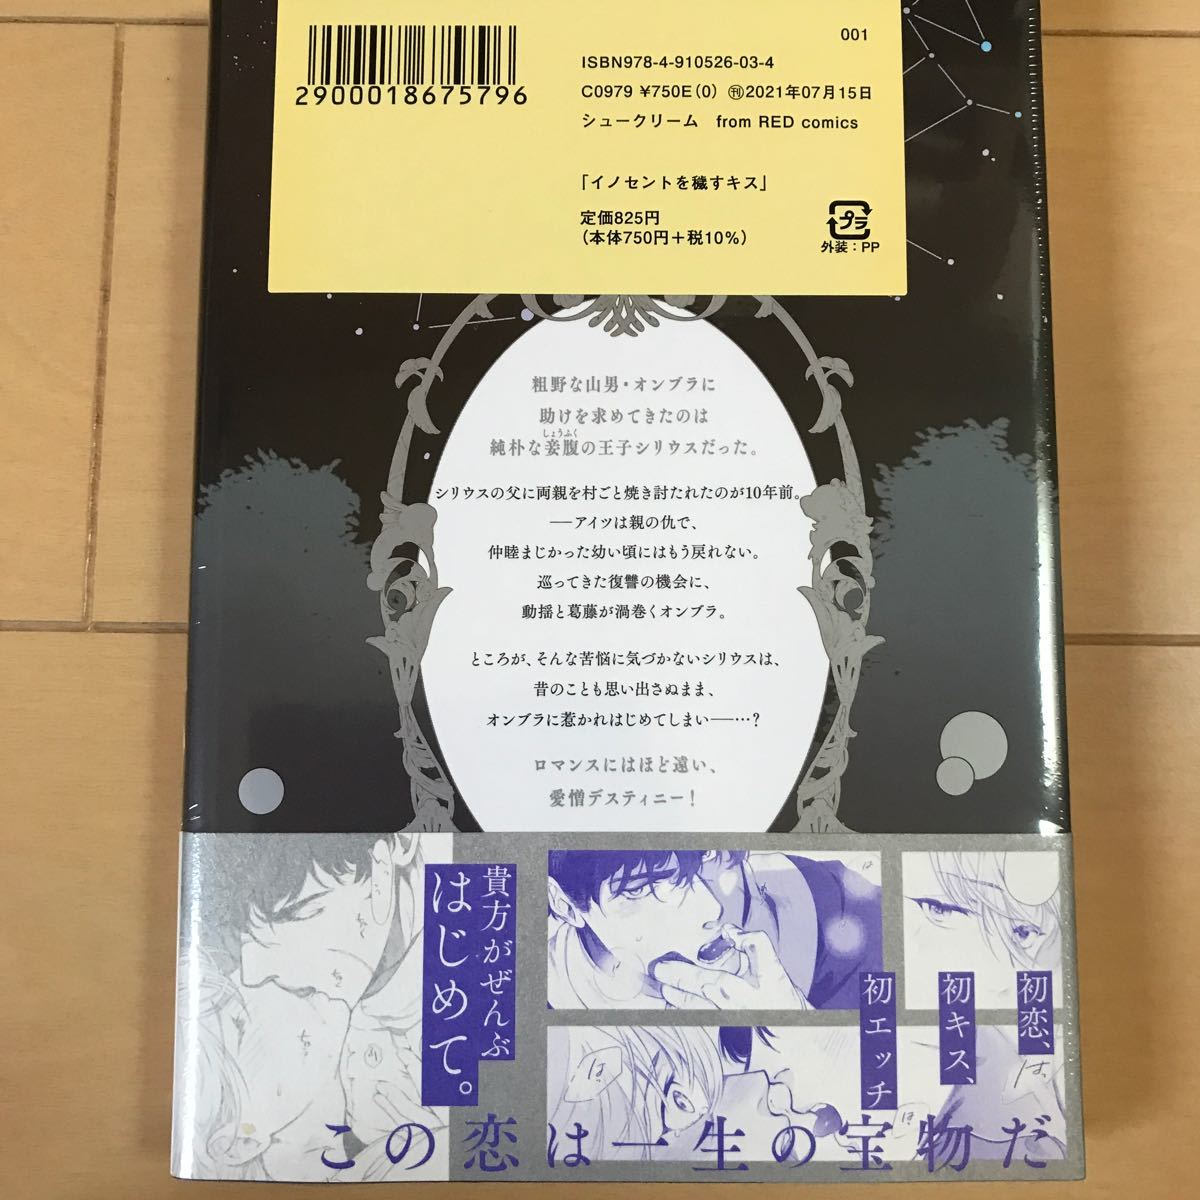 【BLコミック】 五月女えむ       『イノセントを穢すキス』            ※アニメイト有償特典限定20P小冊子